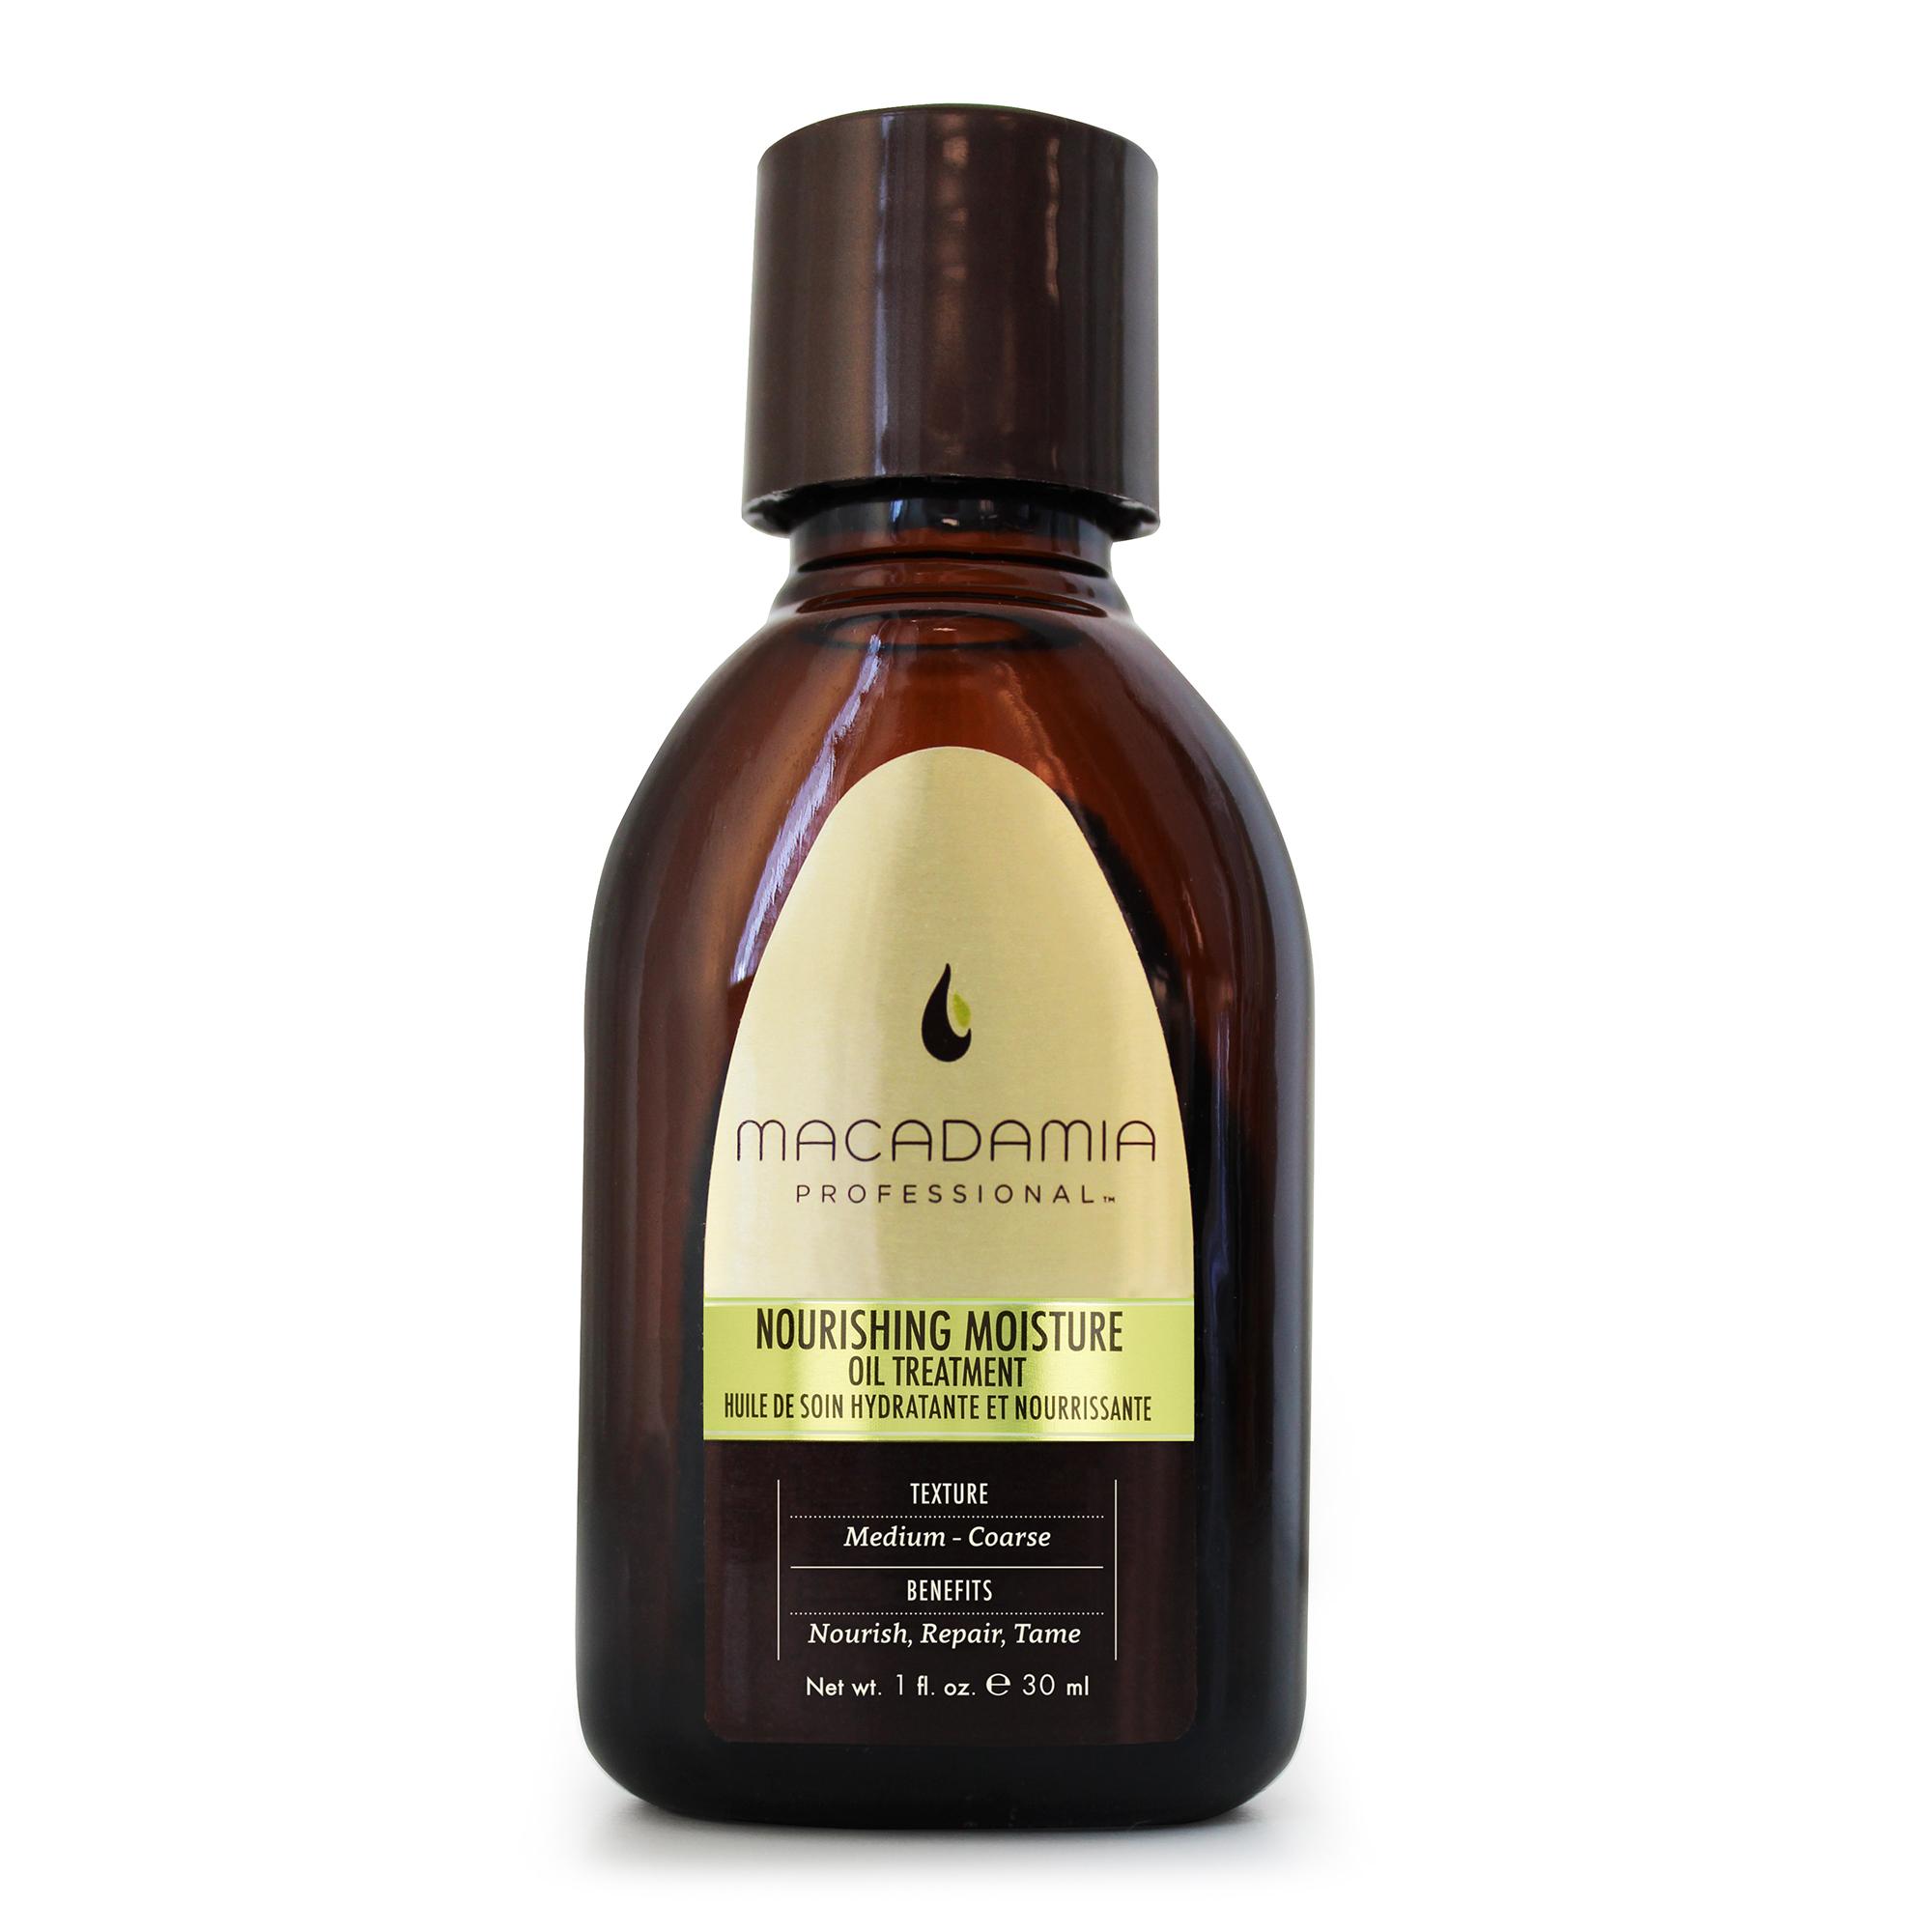 Macadamia Professional Уход восстанавливающий с маслом арганы и макадамии, 30 мл400101Уход-масло Macadamia Professional с эксклюзивным комплексом Pro Oil Complex моментально проникает в структуру волос, не утяжеляя их. Увлажняет, придавая мягкость и блеск волосам, обеспечивает защиту.Витамин Е интенсивно питает, убирает эффект пушистости, оставляя волосы ультра гладкими, предотвращает спутывание. Применение масла сокращает время сушки феном и обеспечивает натуральную УФ - защиту. Предотвращает потерю интенсивности и насыщенности цвета окрашенных волос.